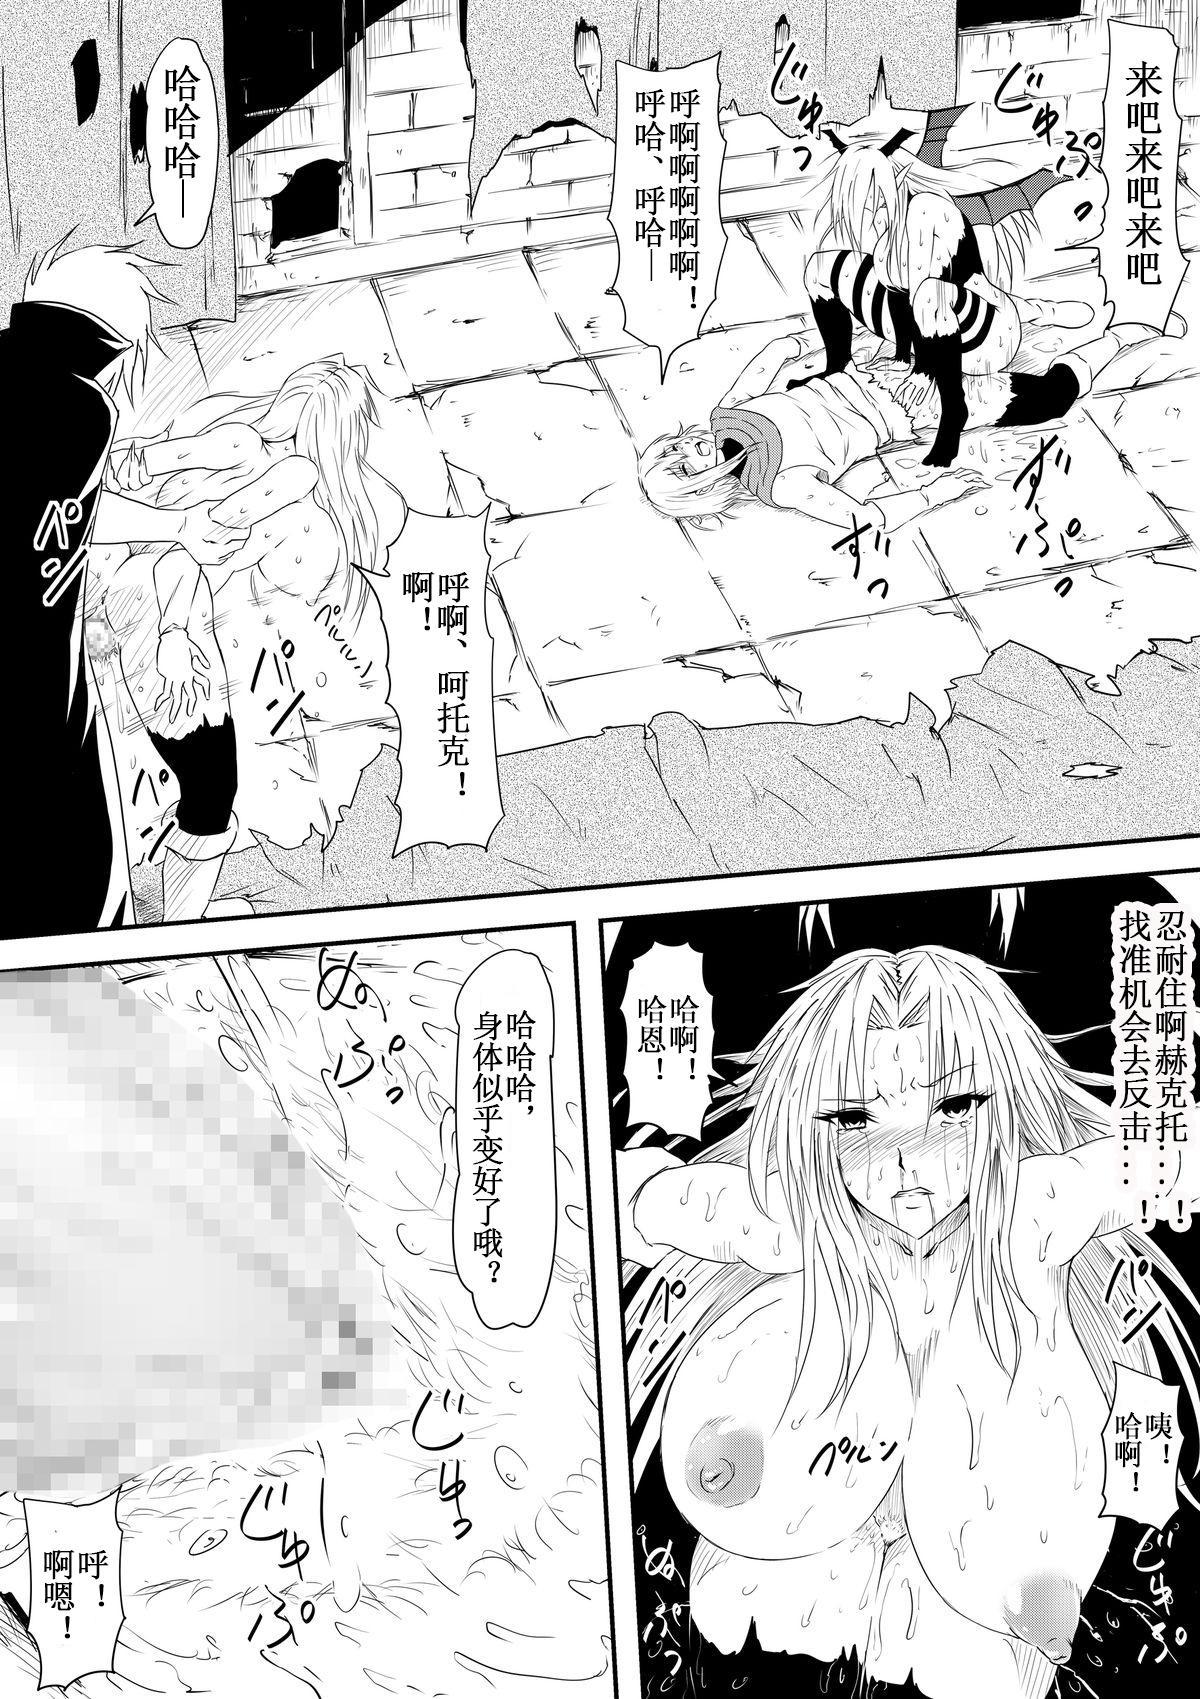 Kyuuketsuki ni Kanzen Haiboku Shita Vanpire Hunter Oyako ga Musuko no Mae de Okasare Kyuuketsuki-ka Shite Shimau Haha no Hanashi 25